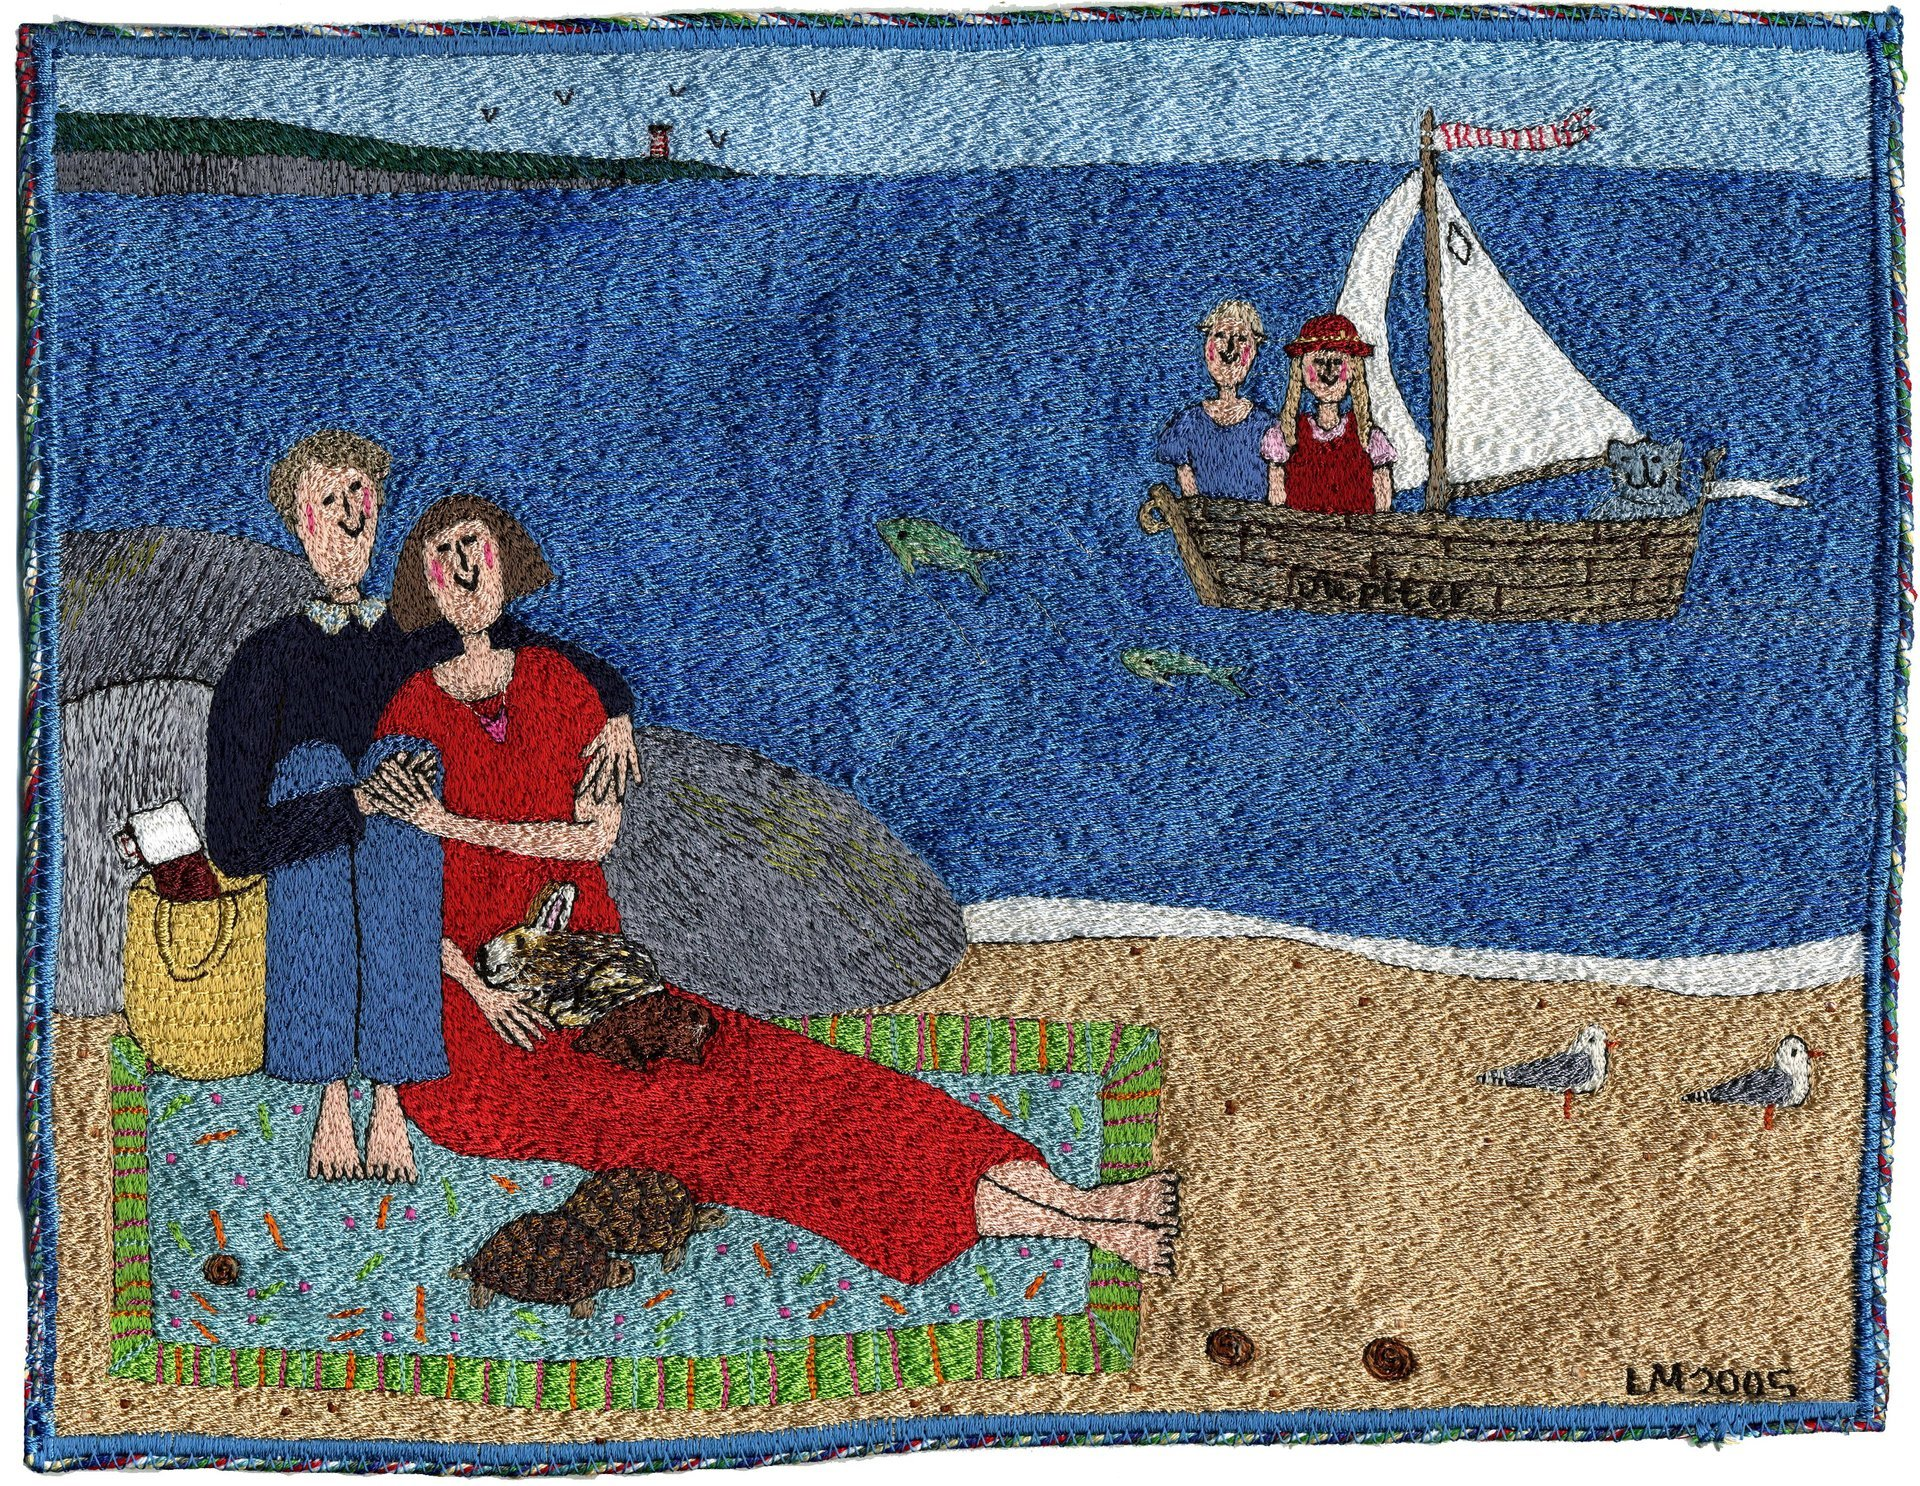 Linda Miller commission